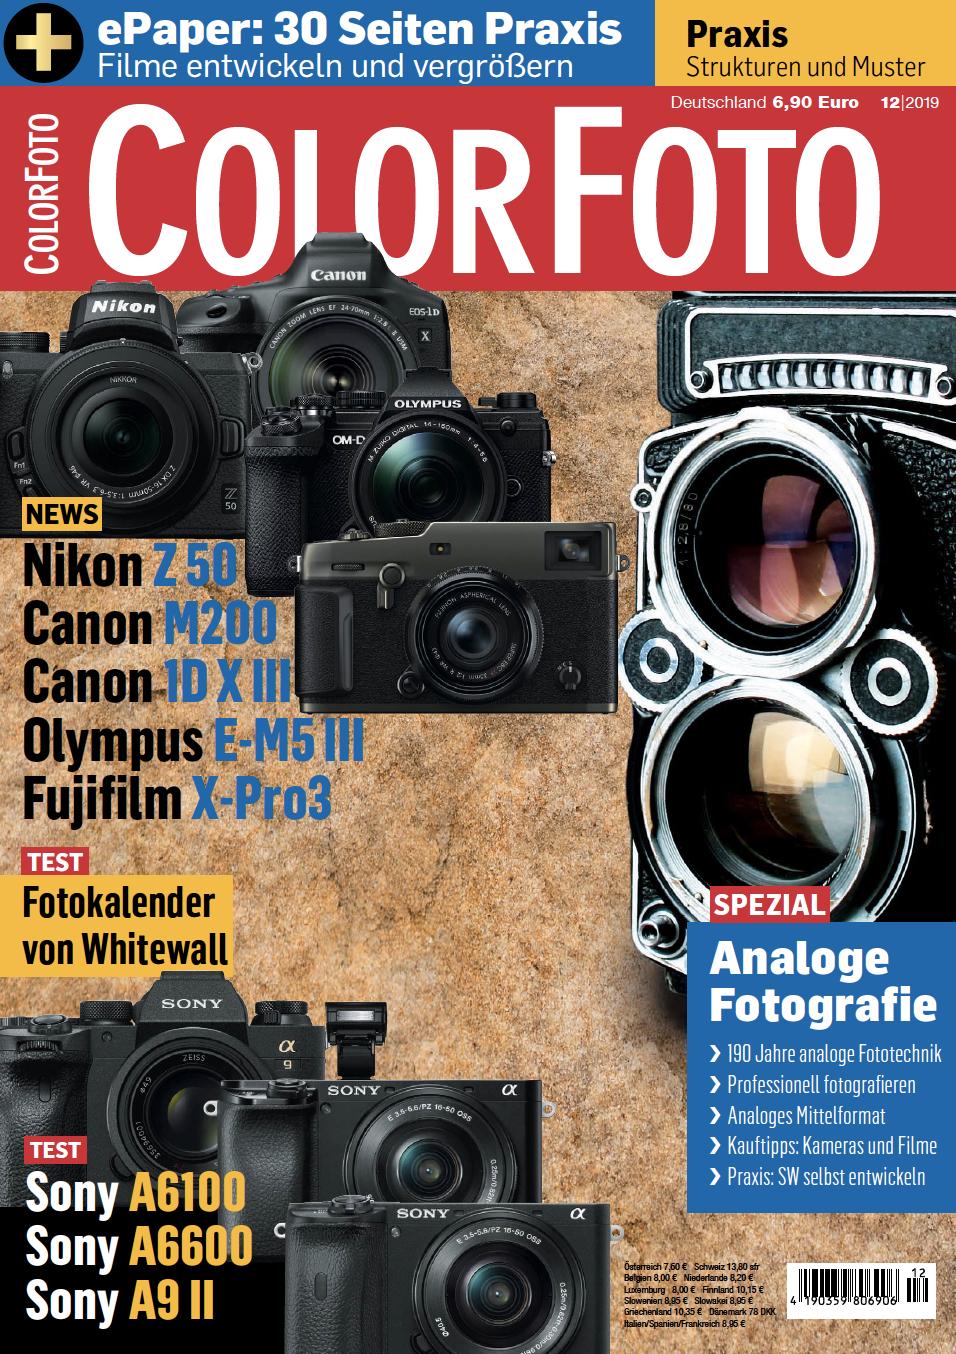 colorfoto, Ausgabe 12 / 2019